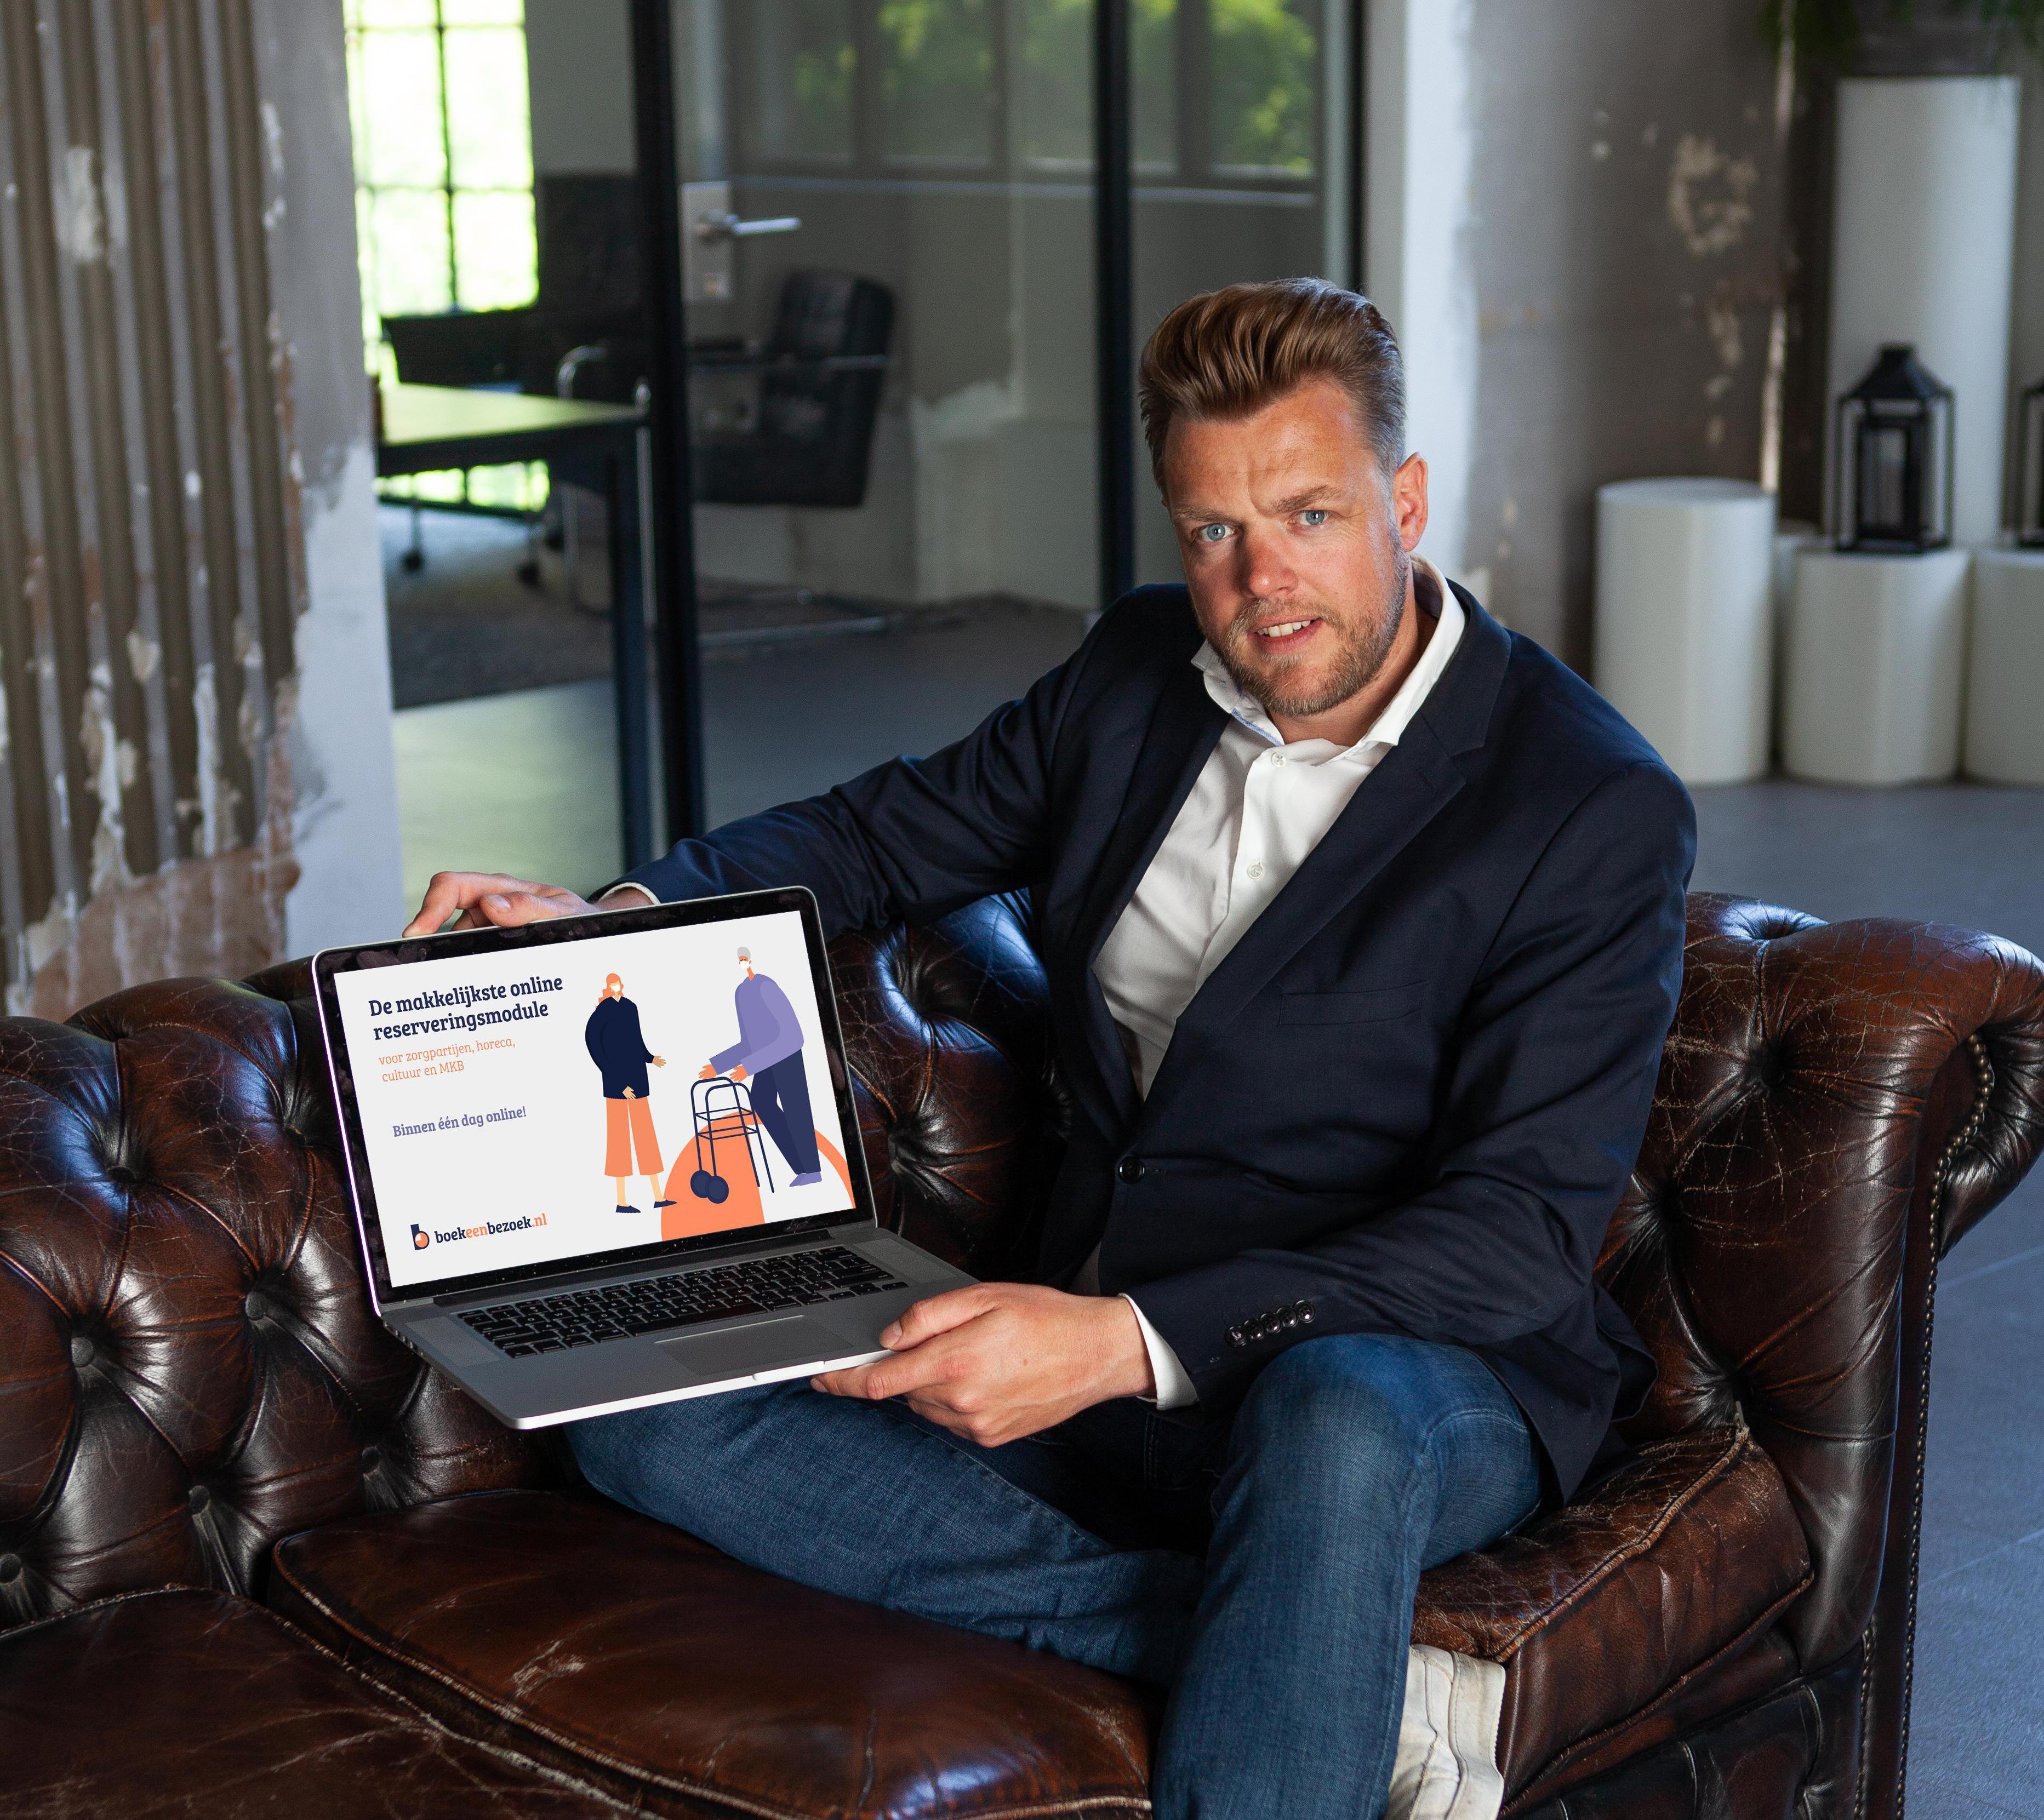 Groeier! in Blokker lanceert boekeenbezoek.nl voor bezoekregistratie in coronatijd